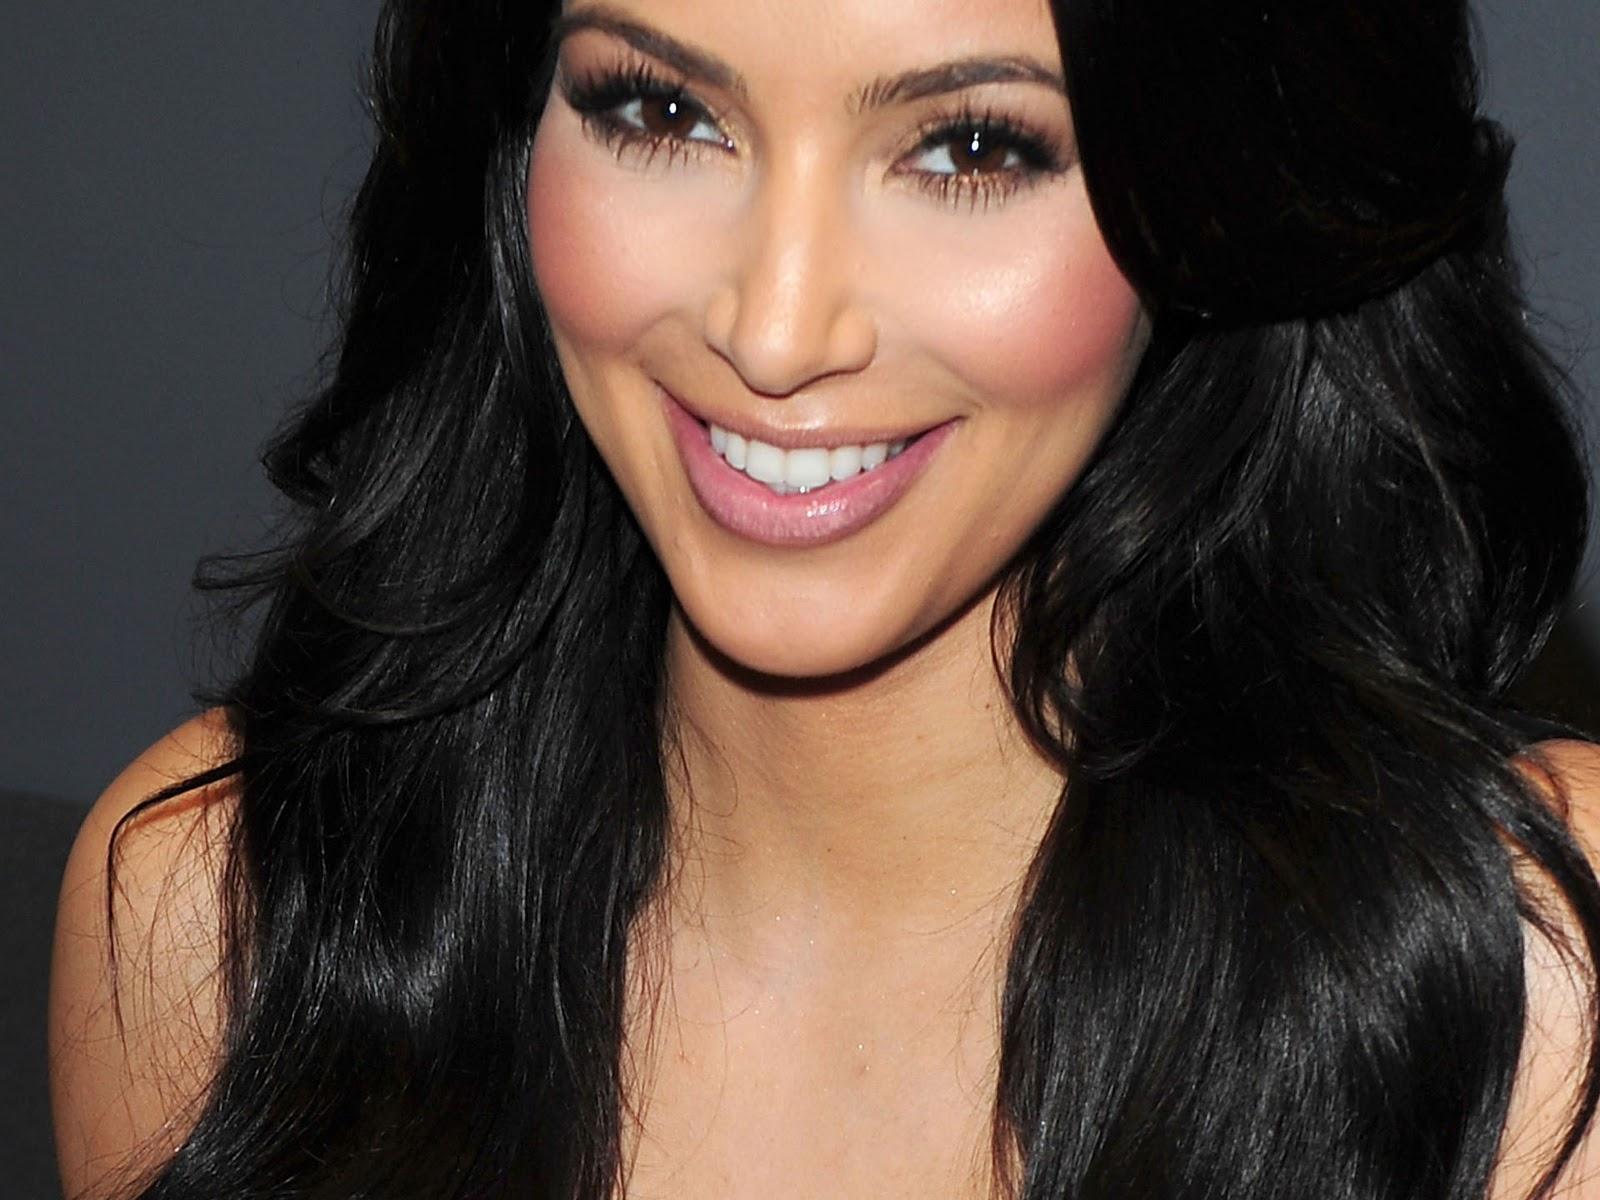 Kim kardashian HD wallpapers 1600x1200